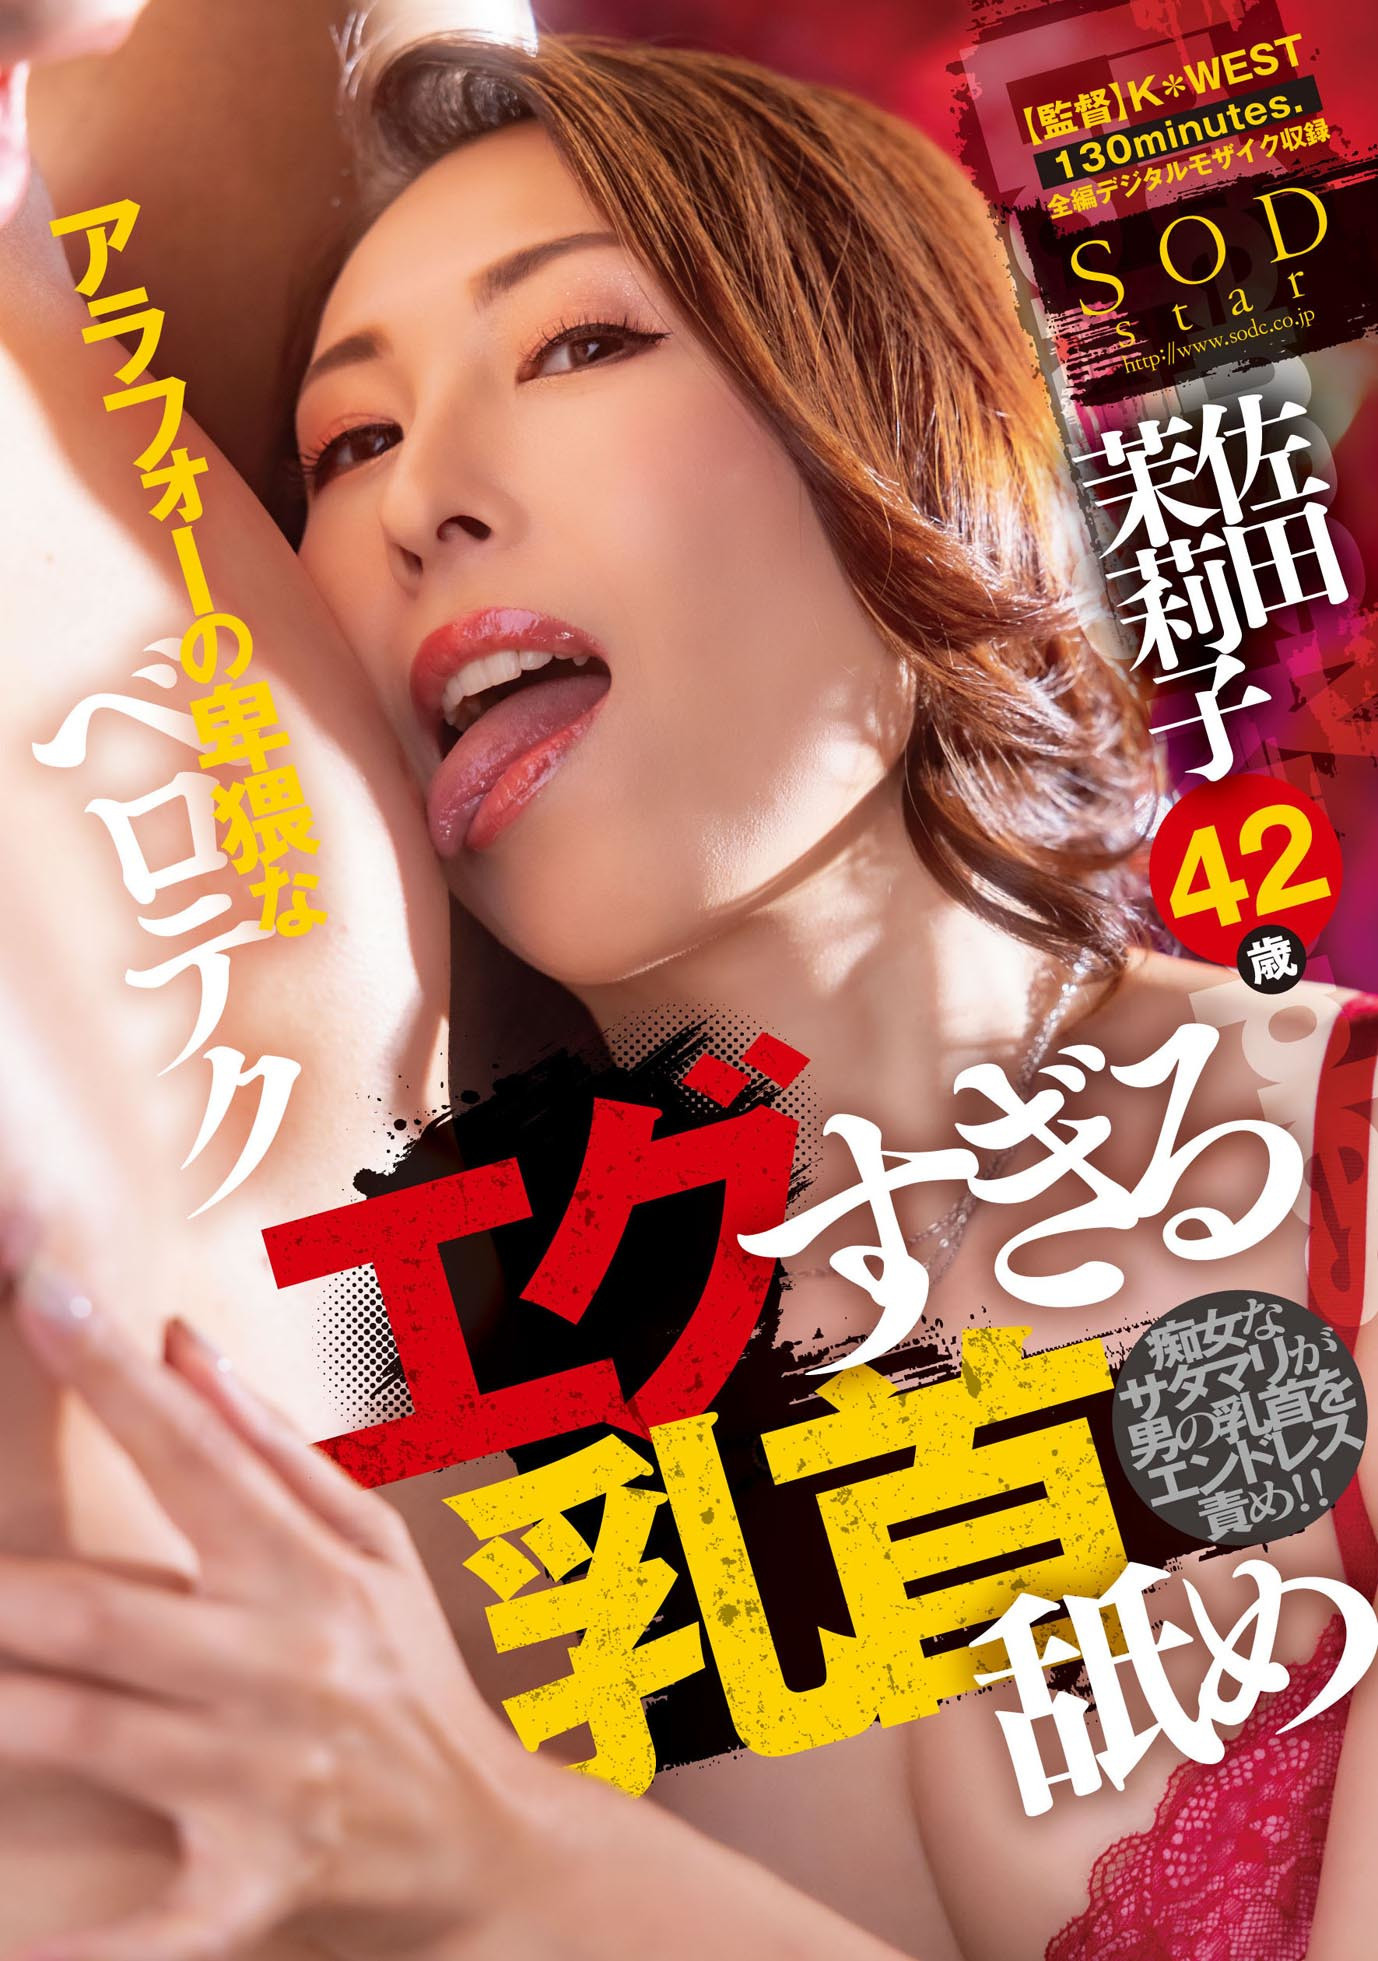 エグすぎる乳首舐め 佐田茉莉子 42歳 画像1